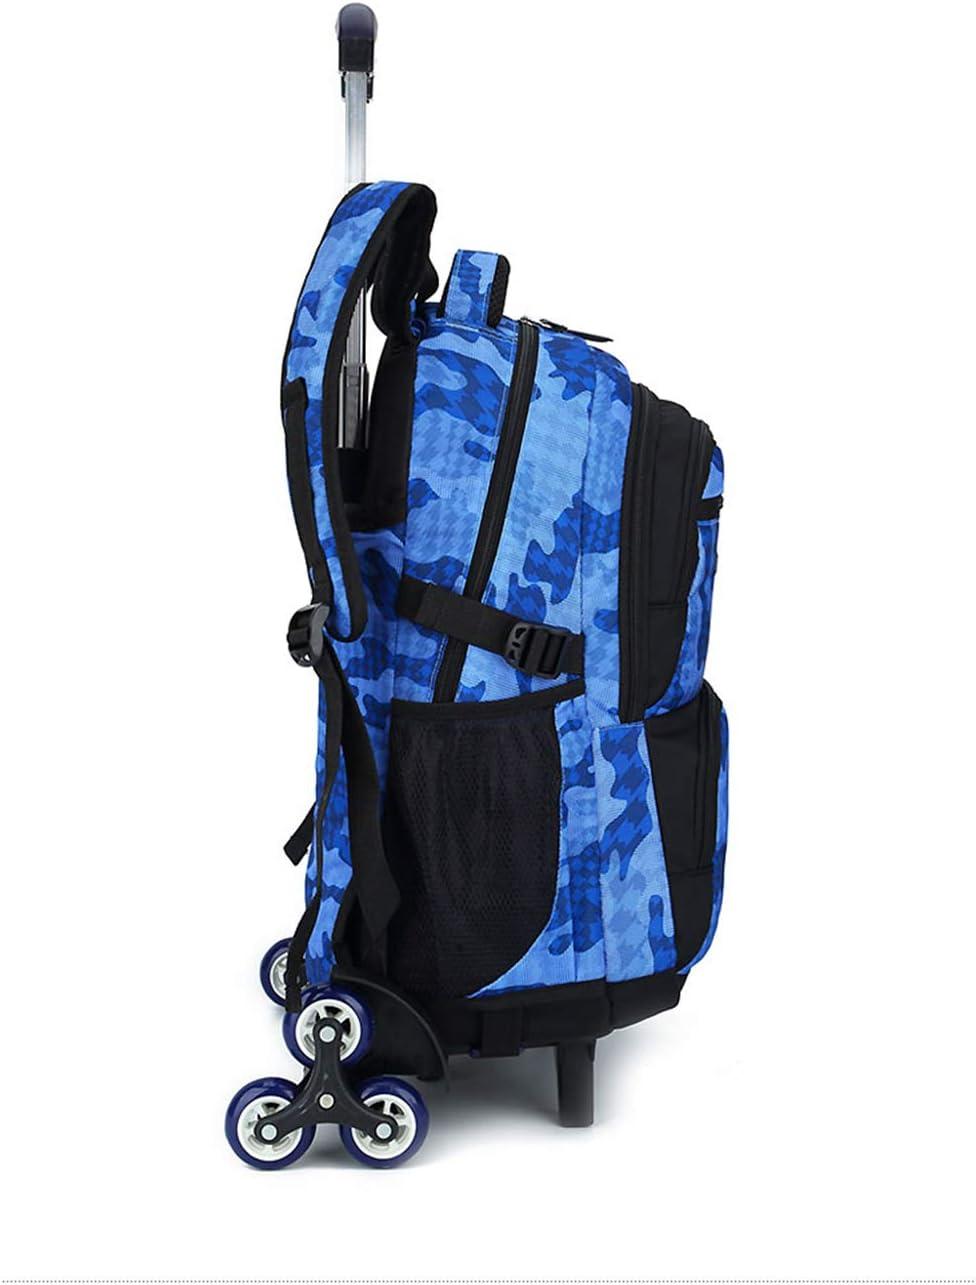 Belegao Ni/ños Ni/ñas College Primaria Ni/ños School Bag Gran Capacidad Equipaje Extra/íble Laptop Mochila Estudiante Escuela Viaje Compras Mochila con Ruedas 6 Trolley Bag